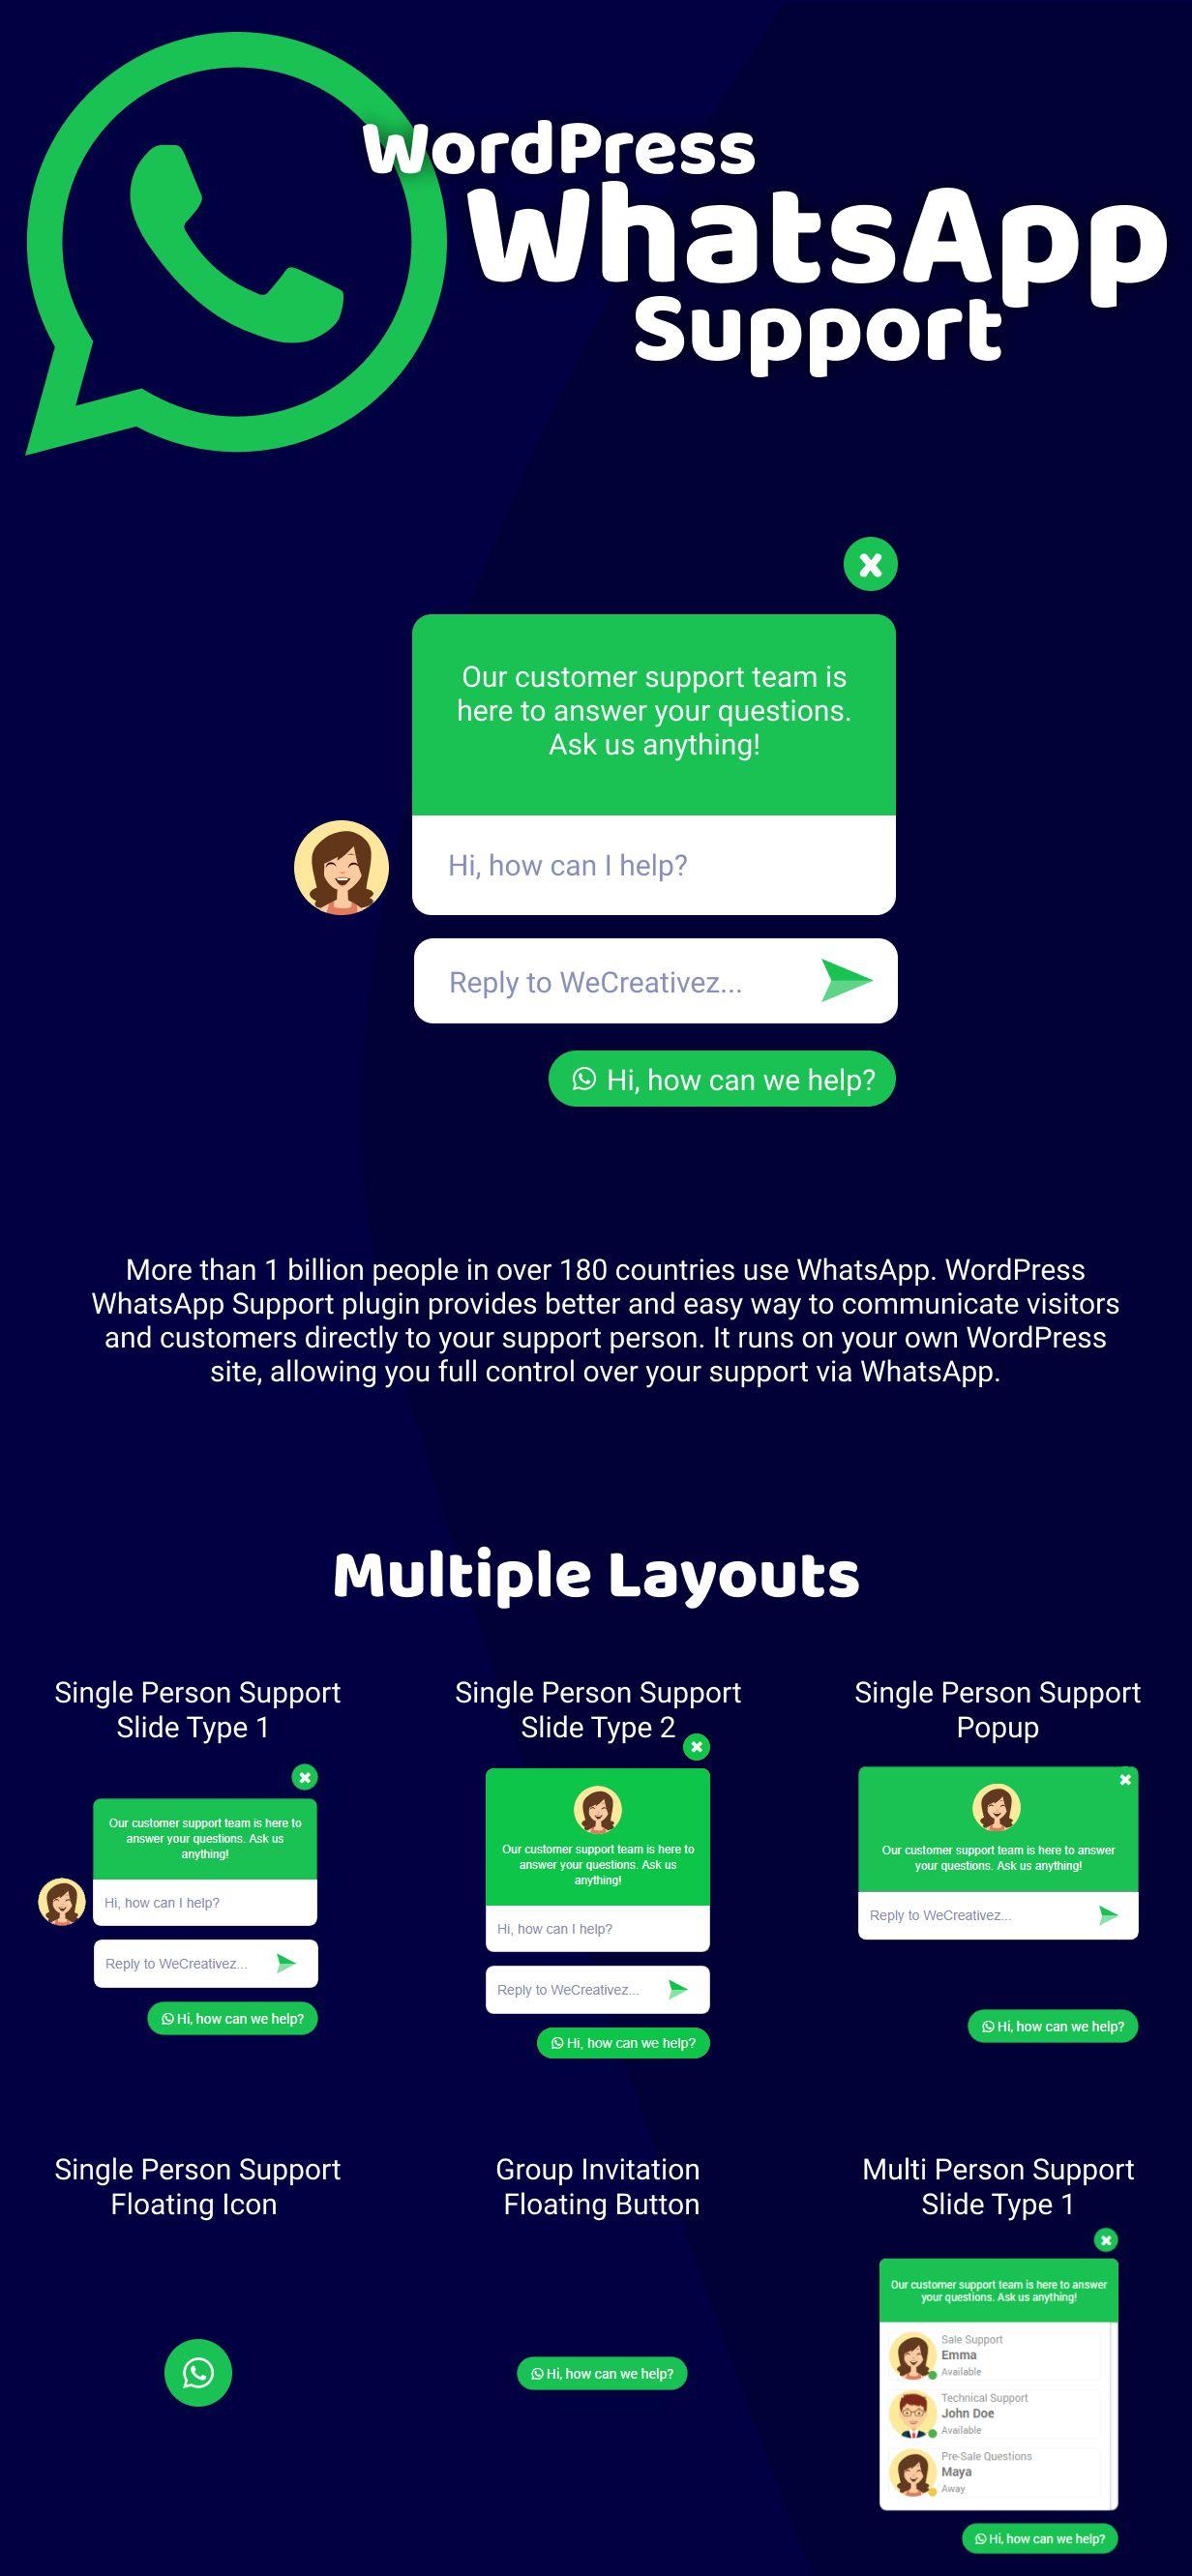 WordPress WhatsApp Support - 1